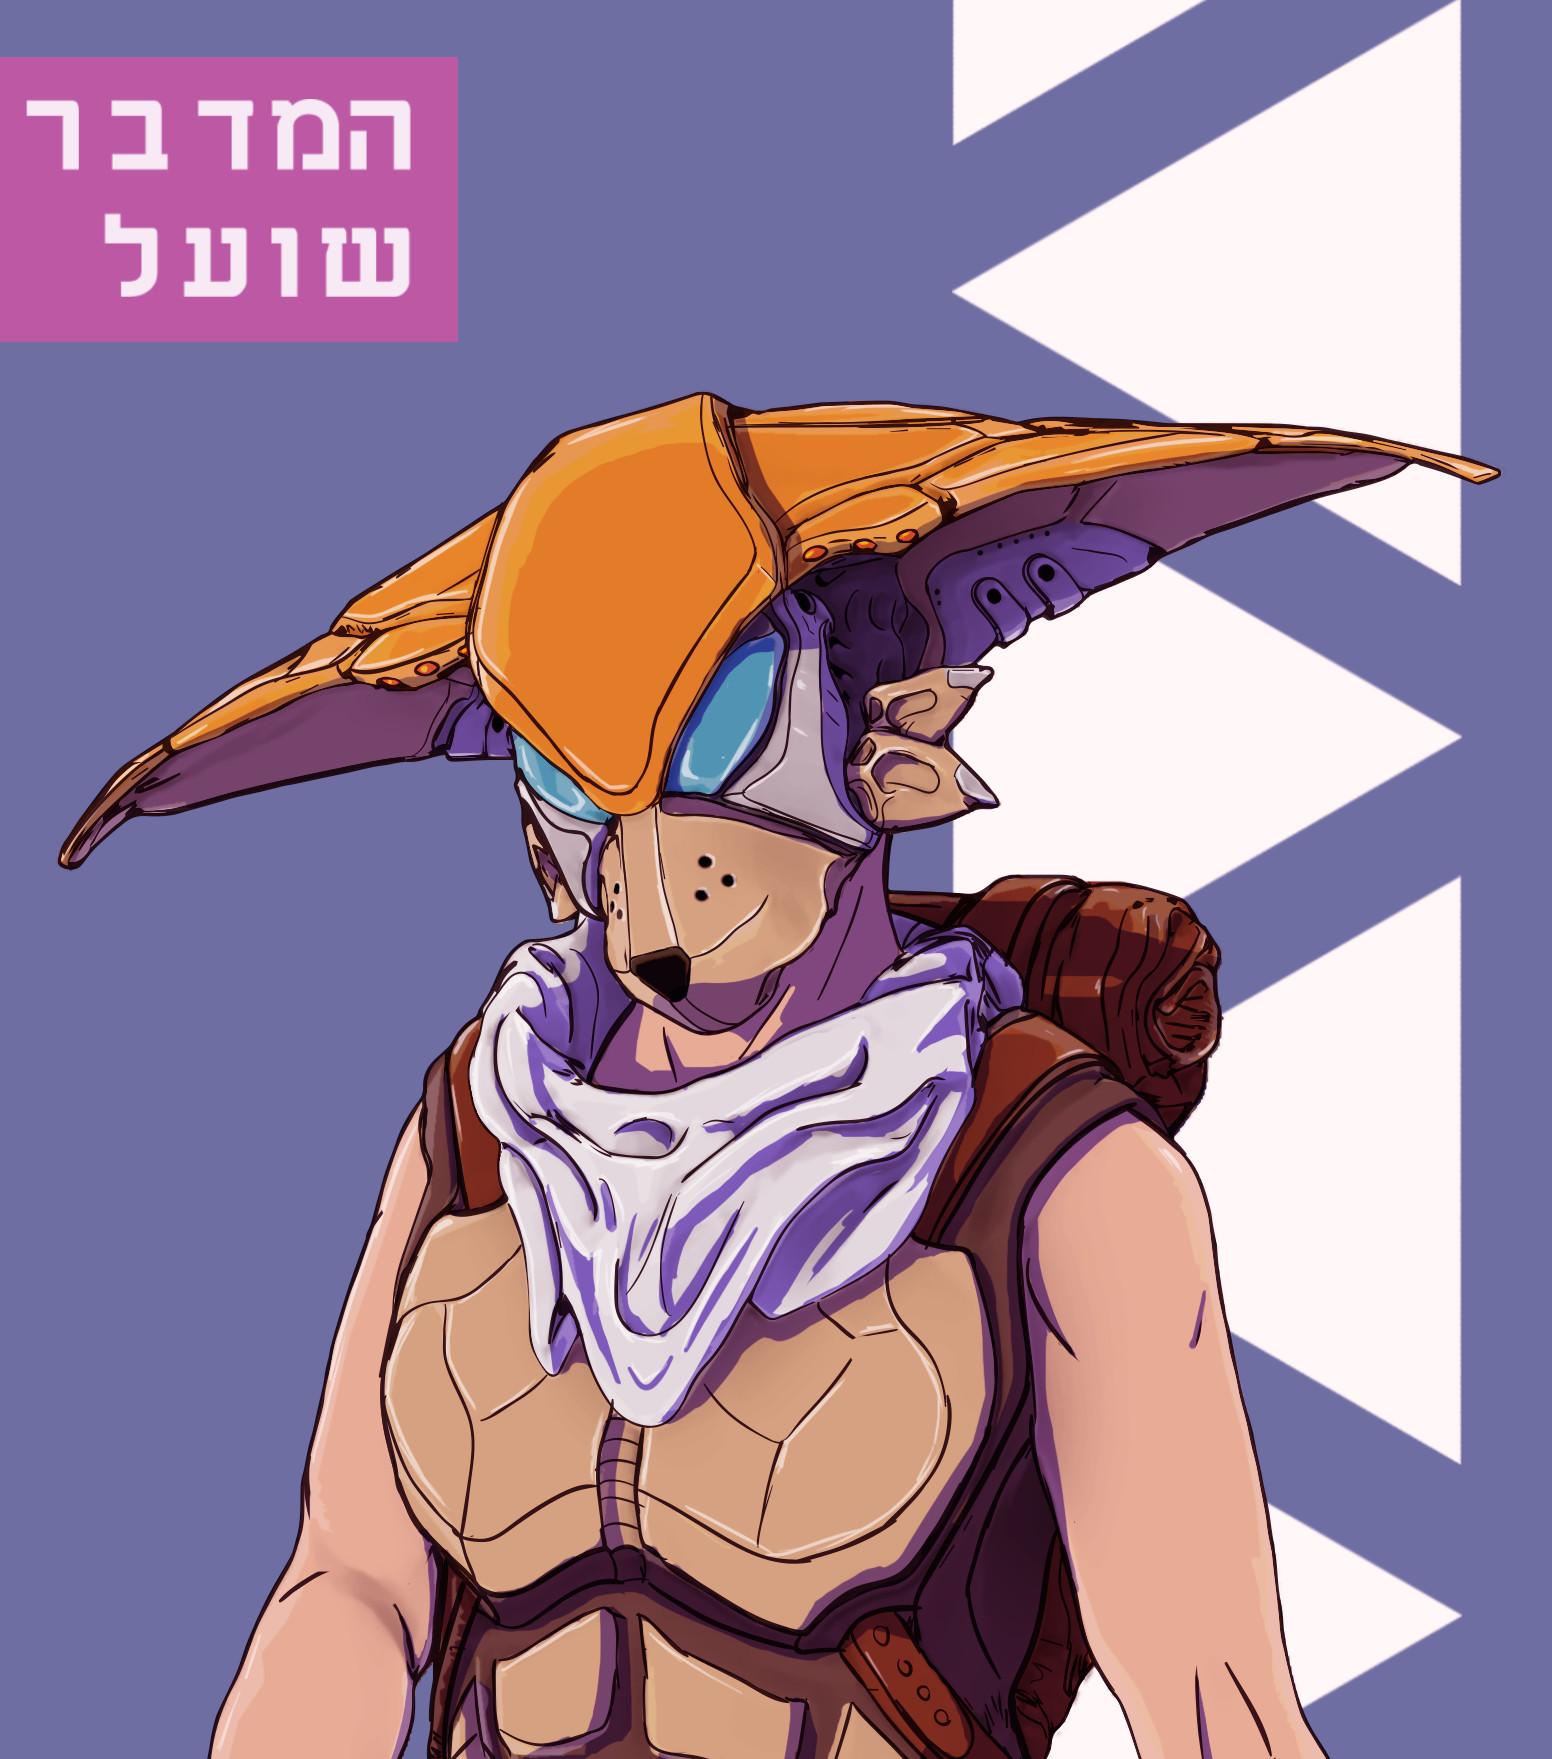 Danas matusevicius 20180816 desert fox colored